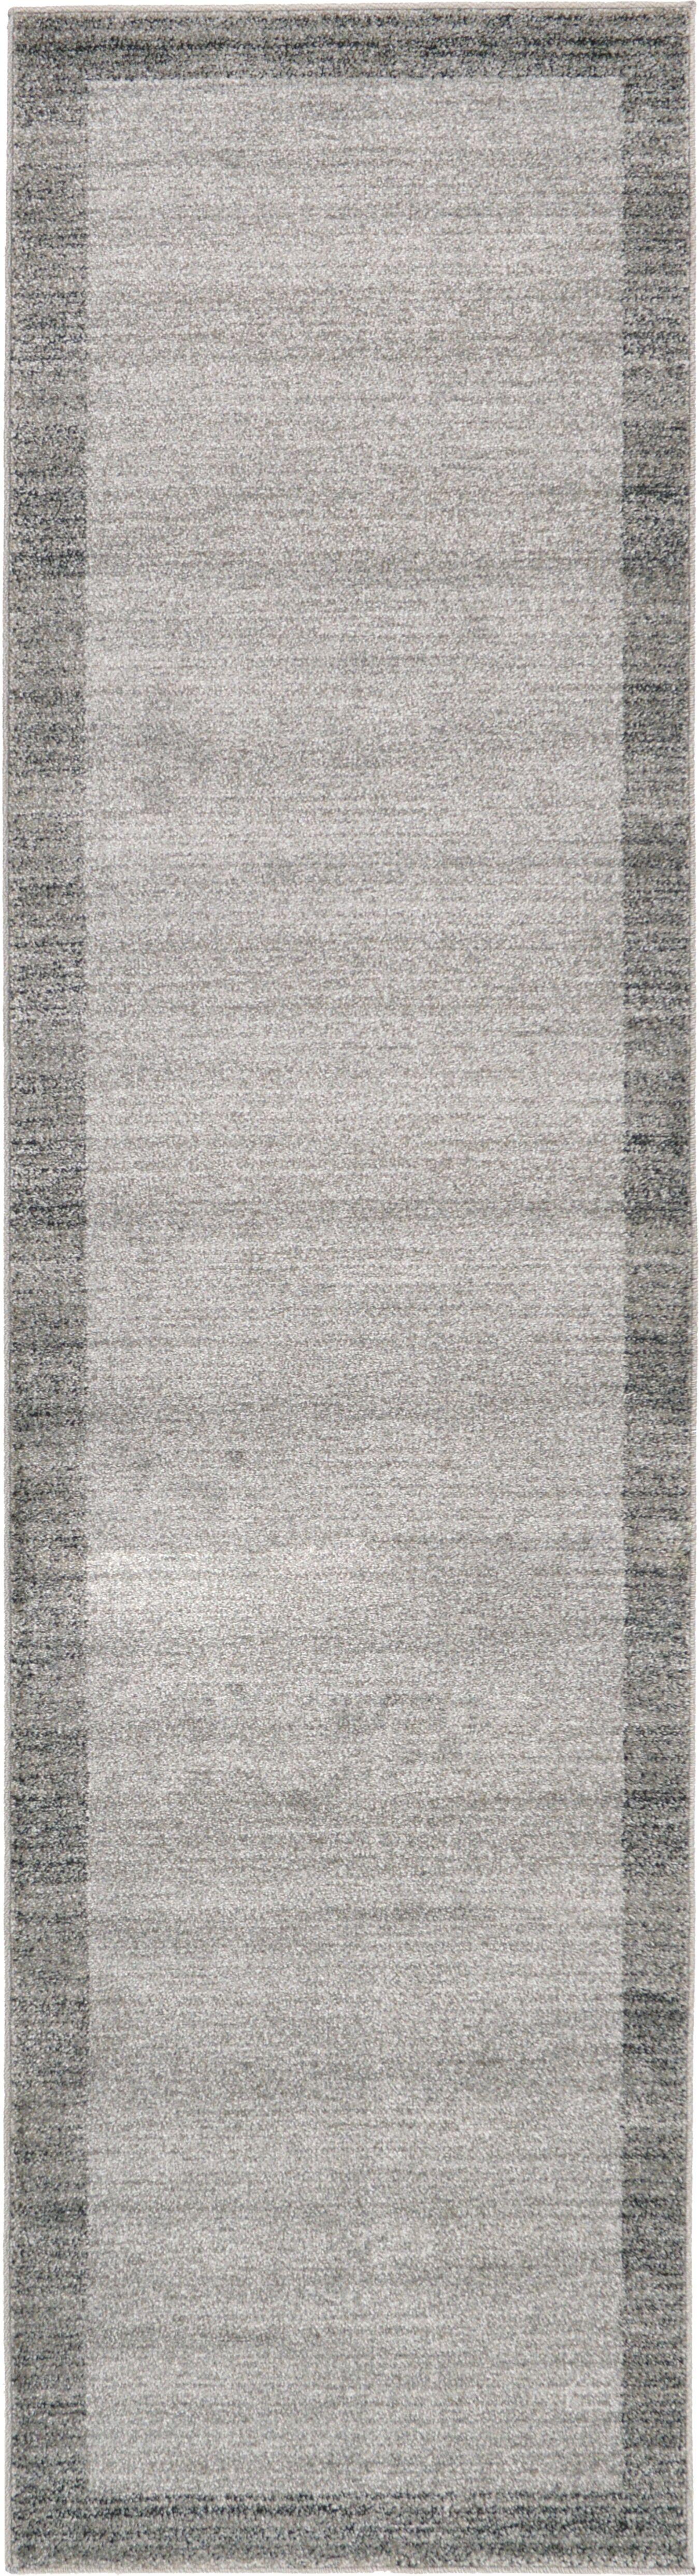 Christi Gray Area Rug Rug Size: Rectangle 10' x 3'